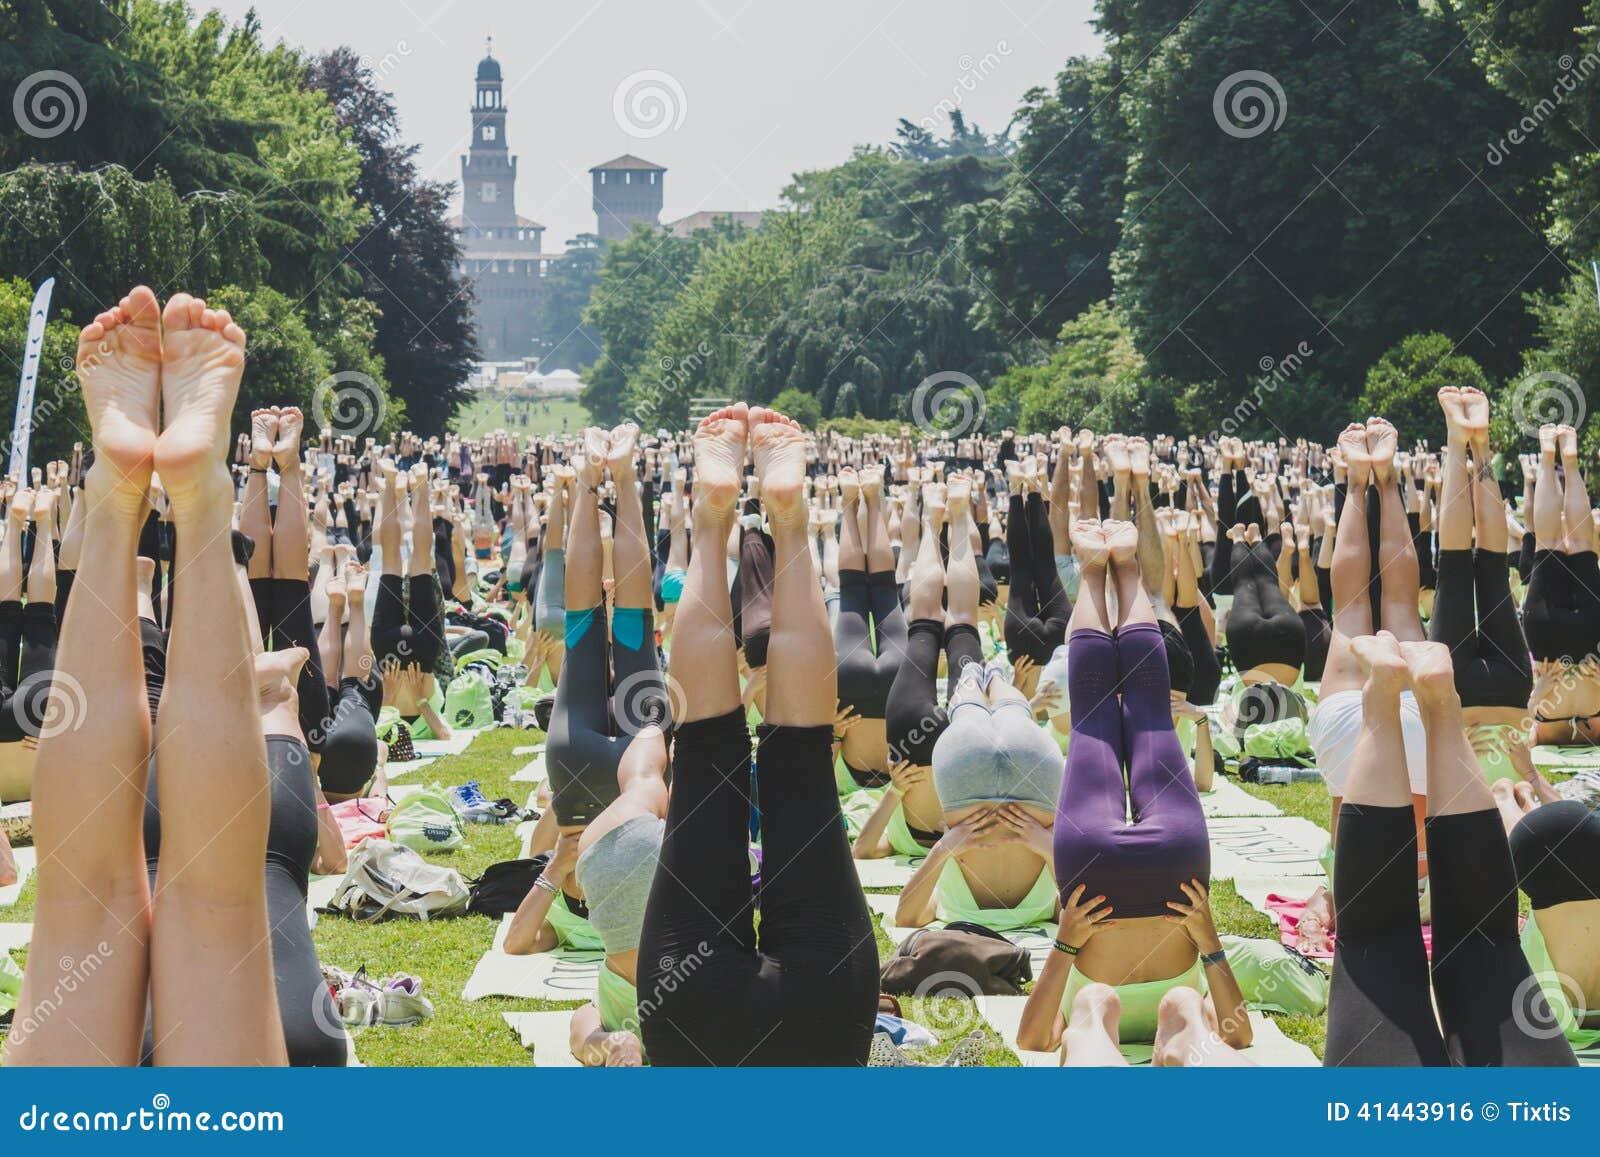 6月7 :差不多2000個人在2014年6月7日的一個城市公園上自由集體瑜伽課圖片